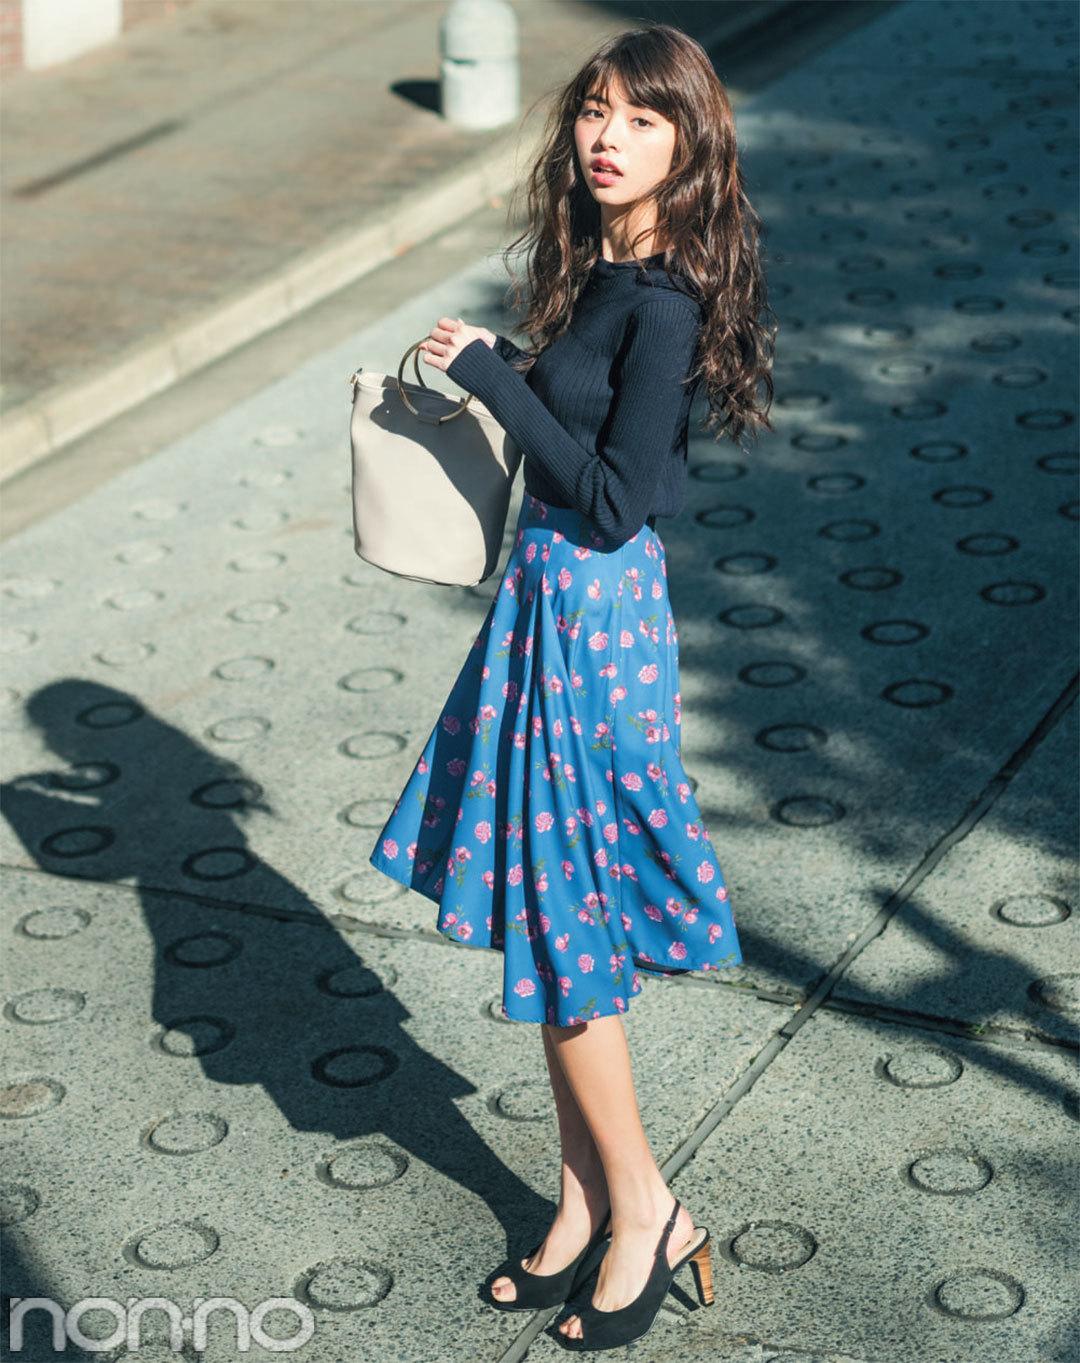 何買おう? って迷ったら、「春風スカート」を手に入れて!_1_2